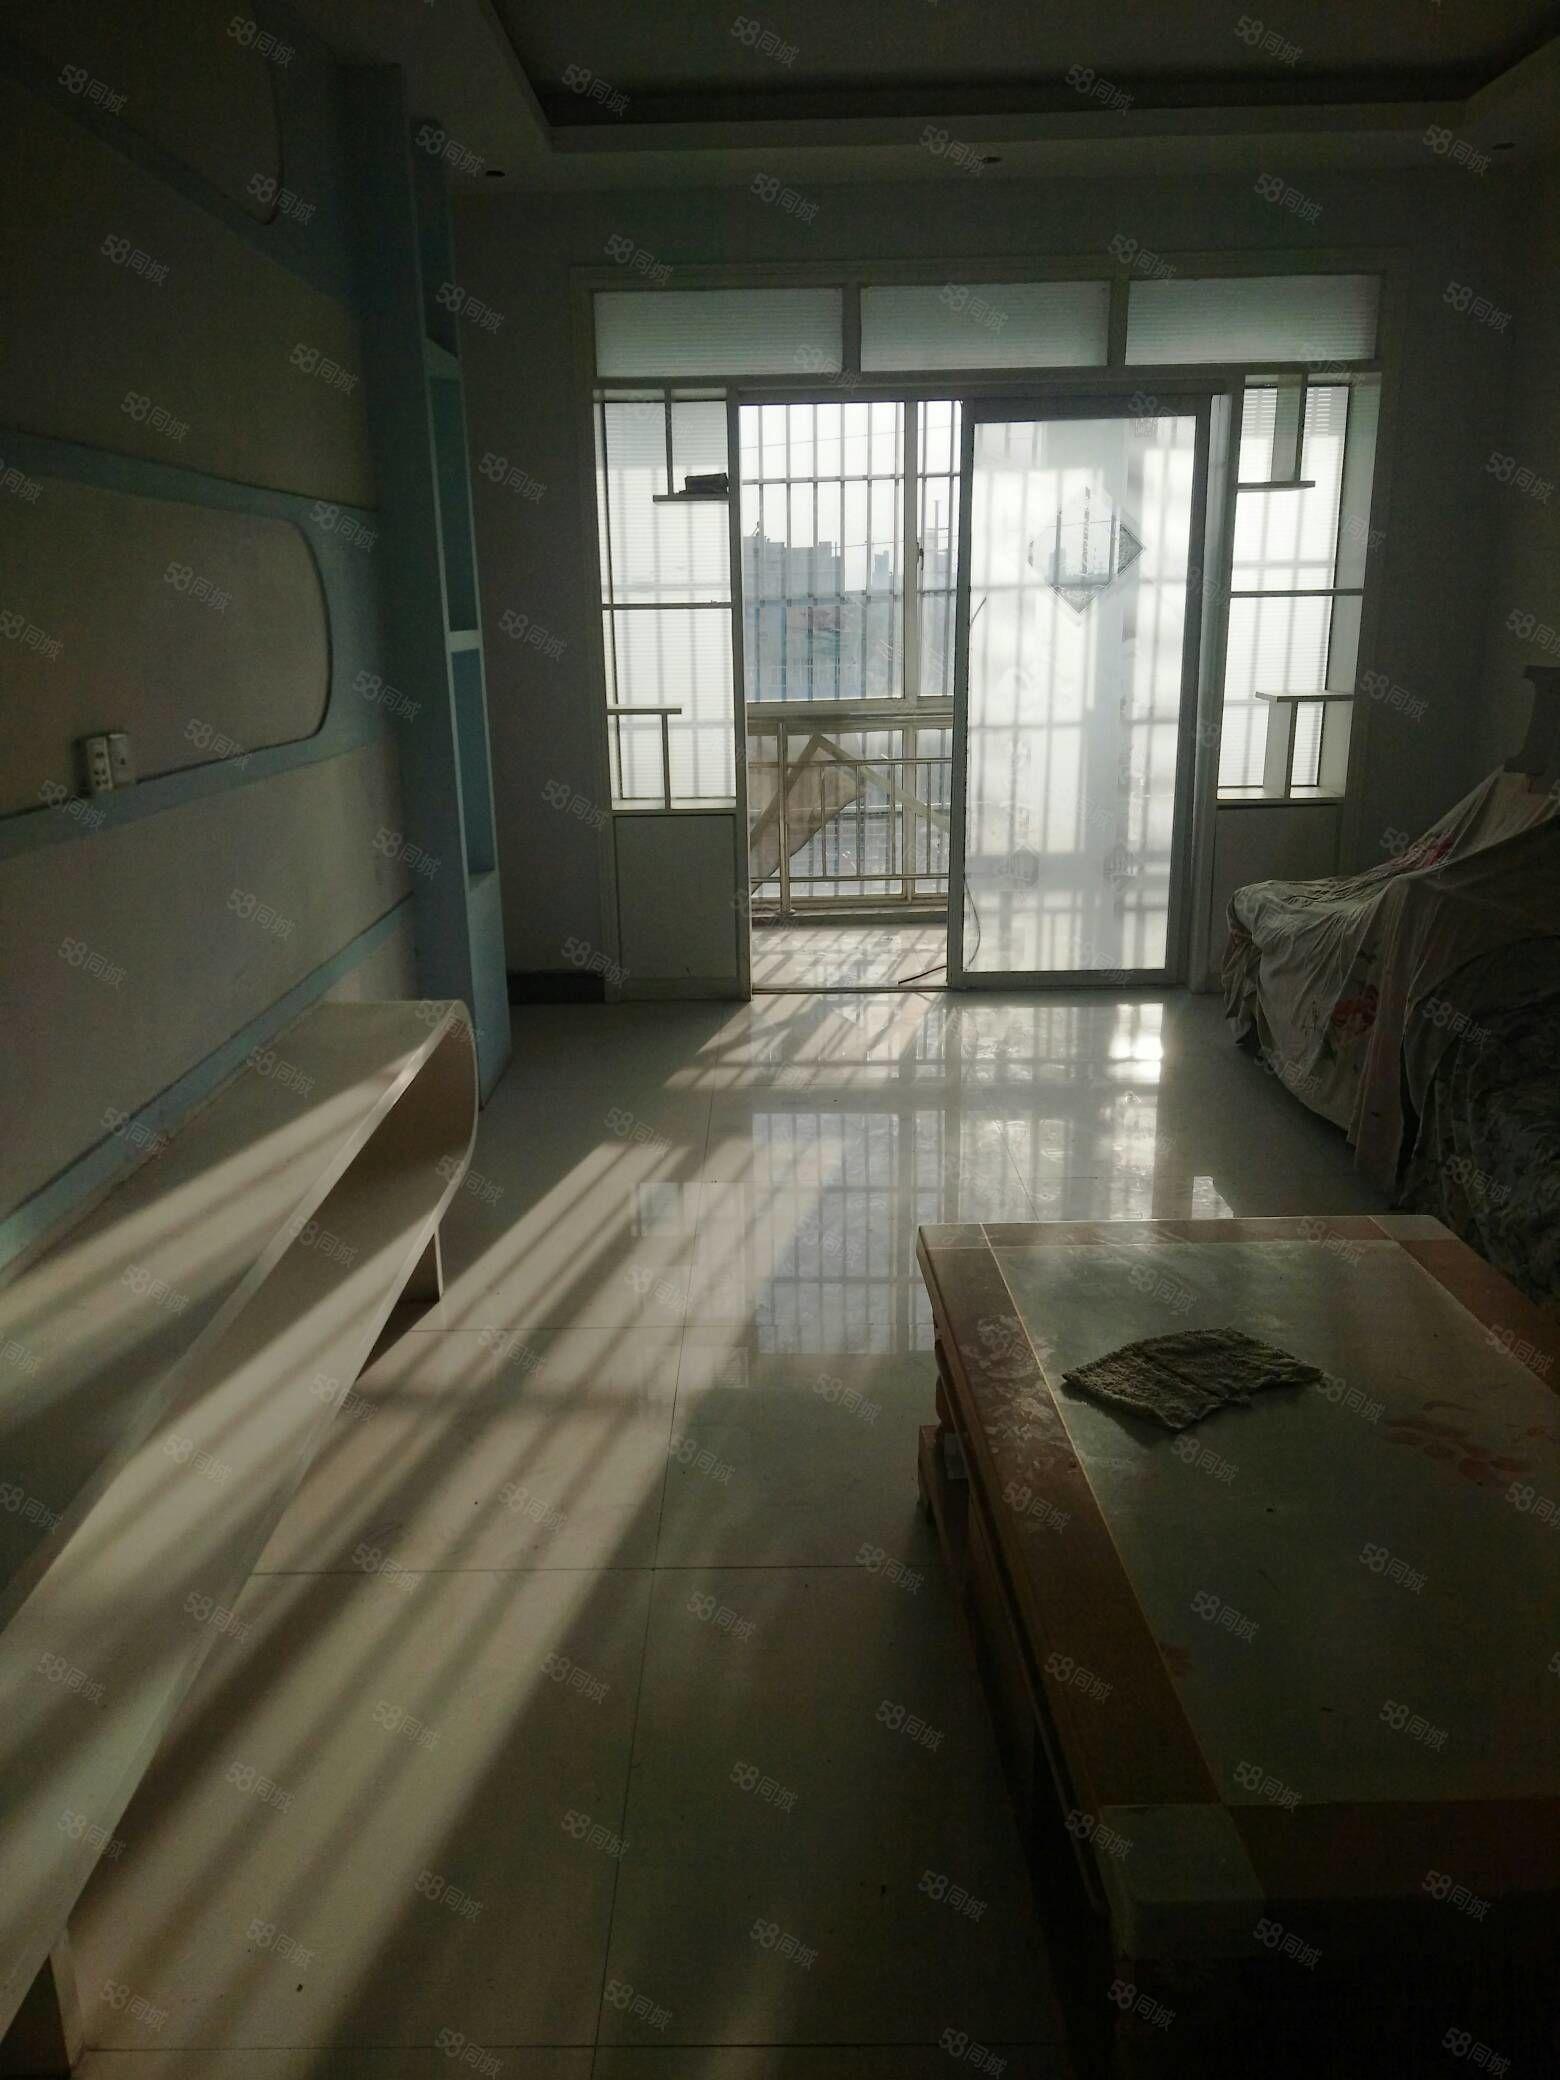 锦绣曹庄西边金山路中段路东三室两厅两卫简装5楼急售